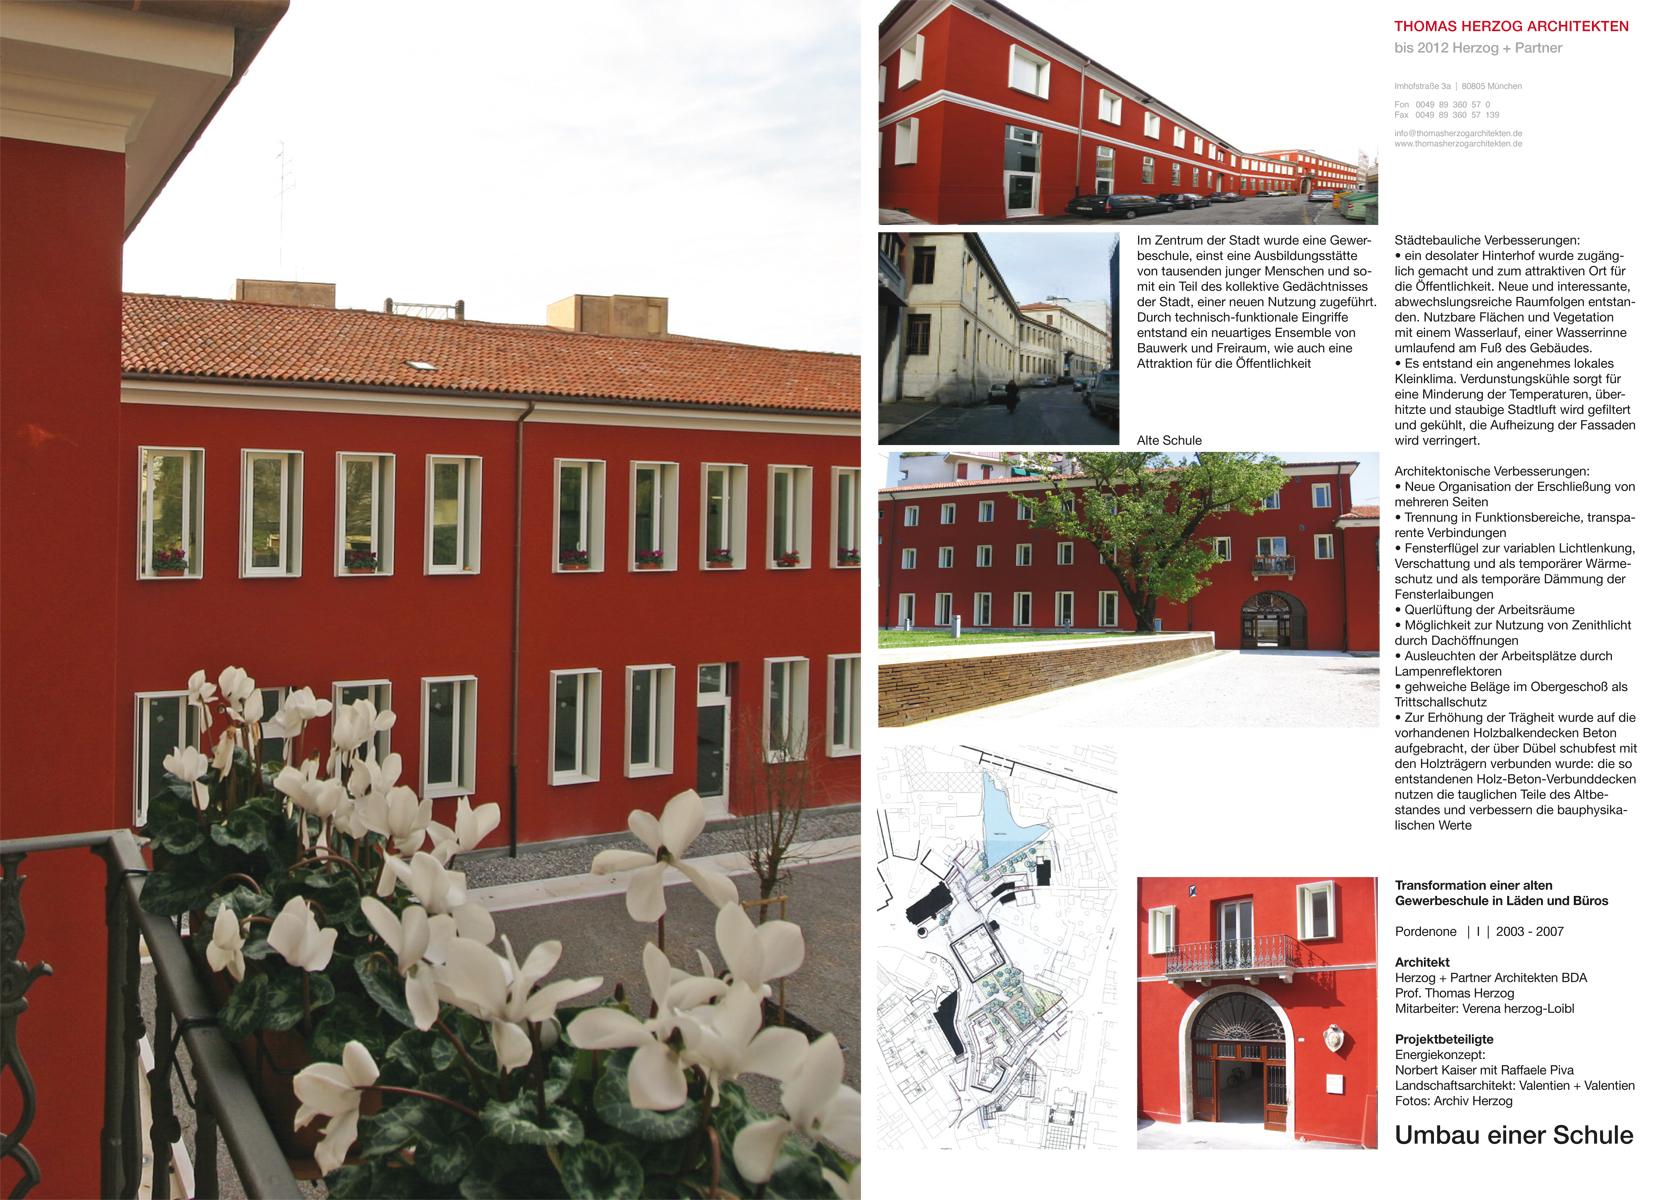 Umbau einer Schule Pordenone IT 2007